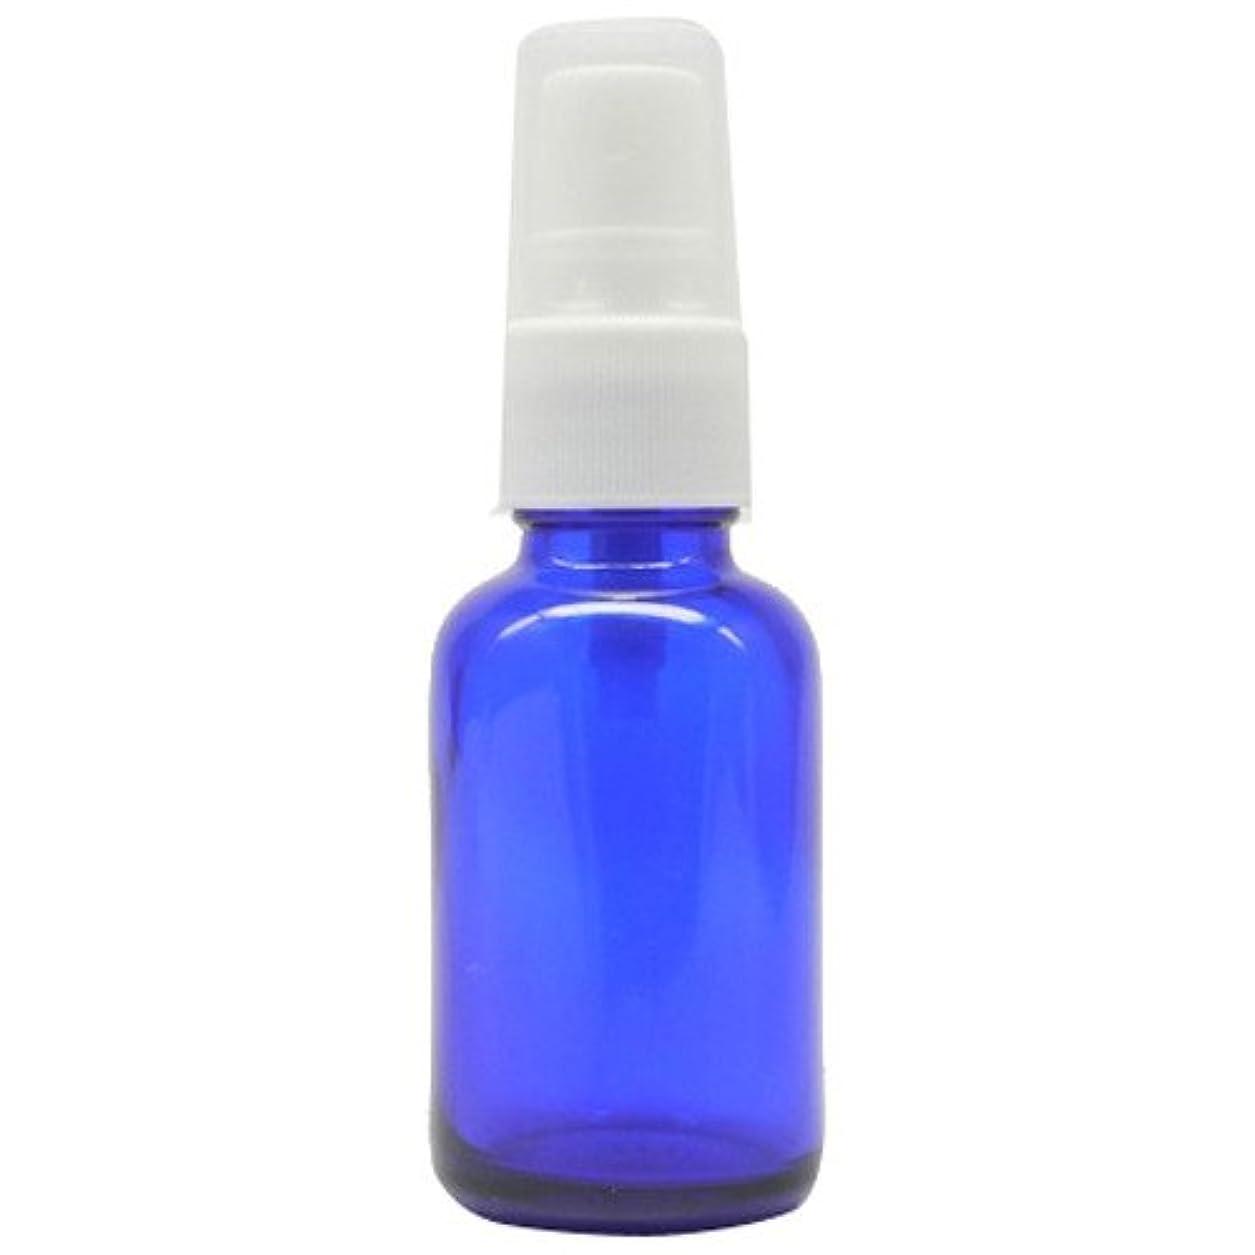 アーティスト伝説鎮痛剤アロマアンドライフ (D)ブルースプレー瓶30ml 3本セット